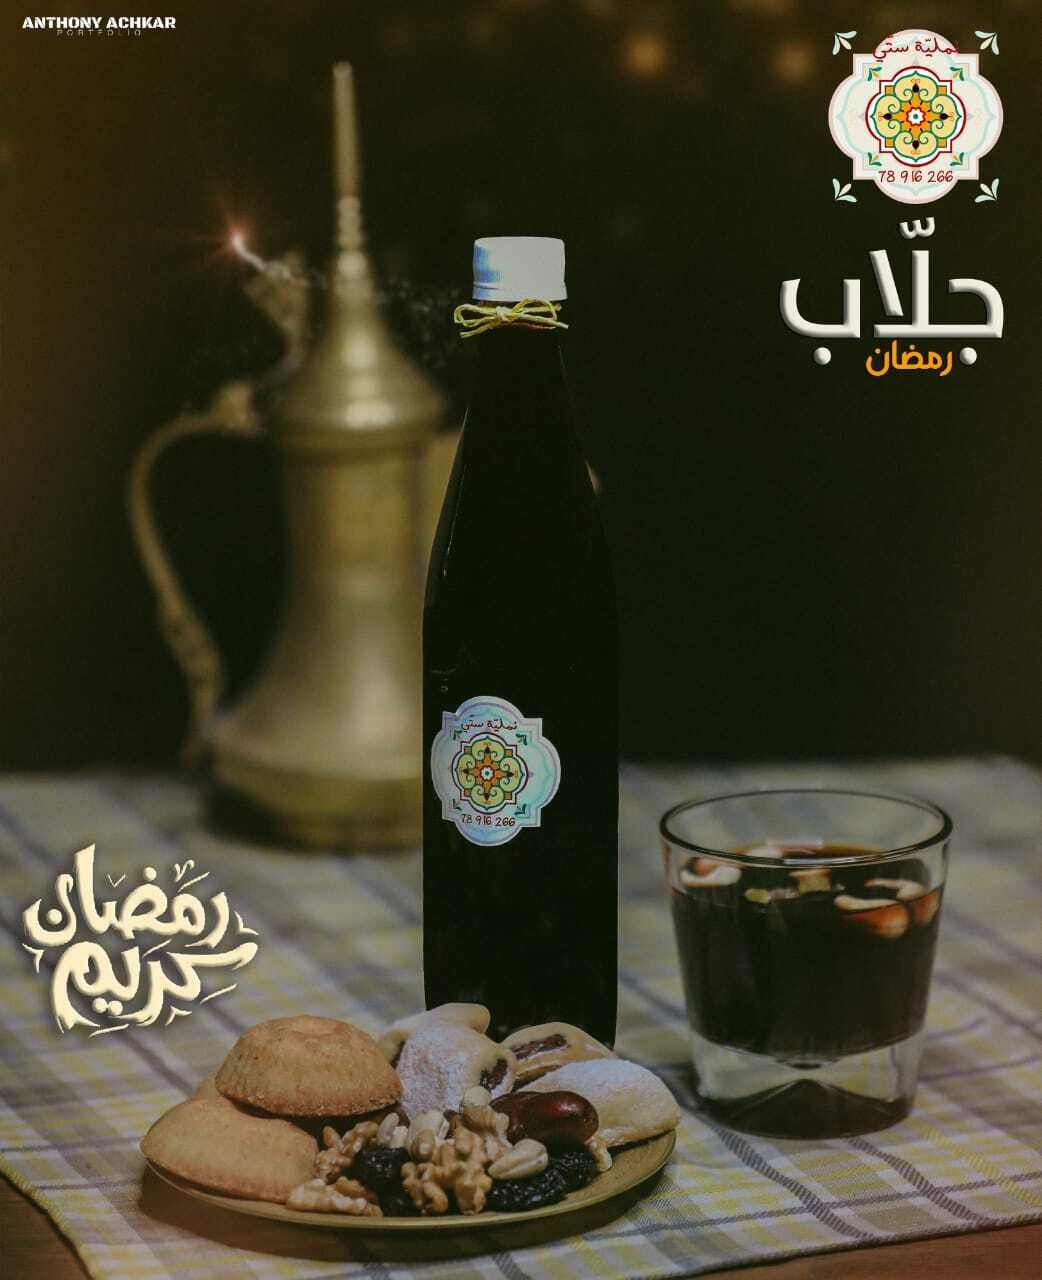 Jallab (Bottle) – Namliyet Setti